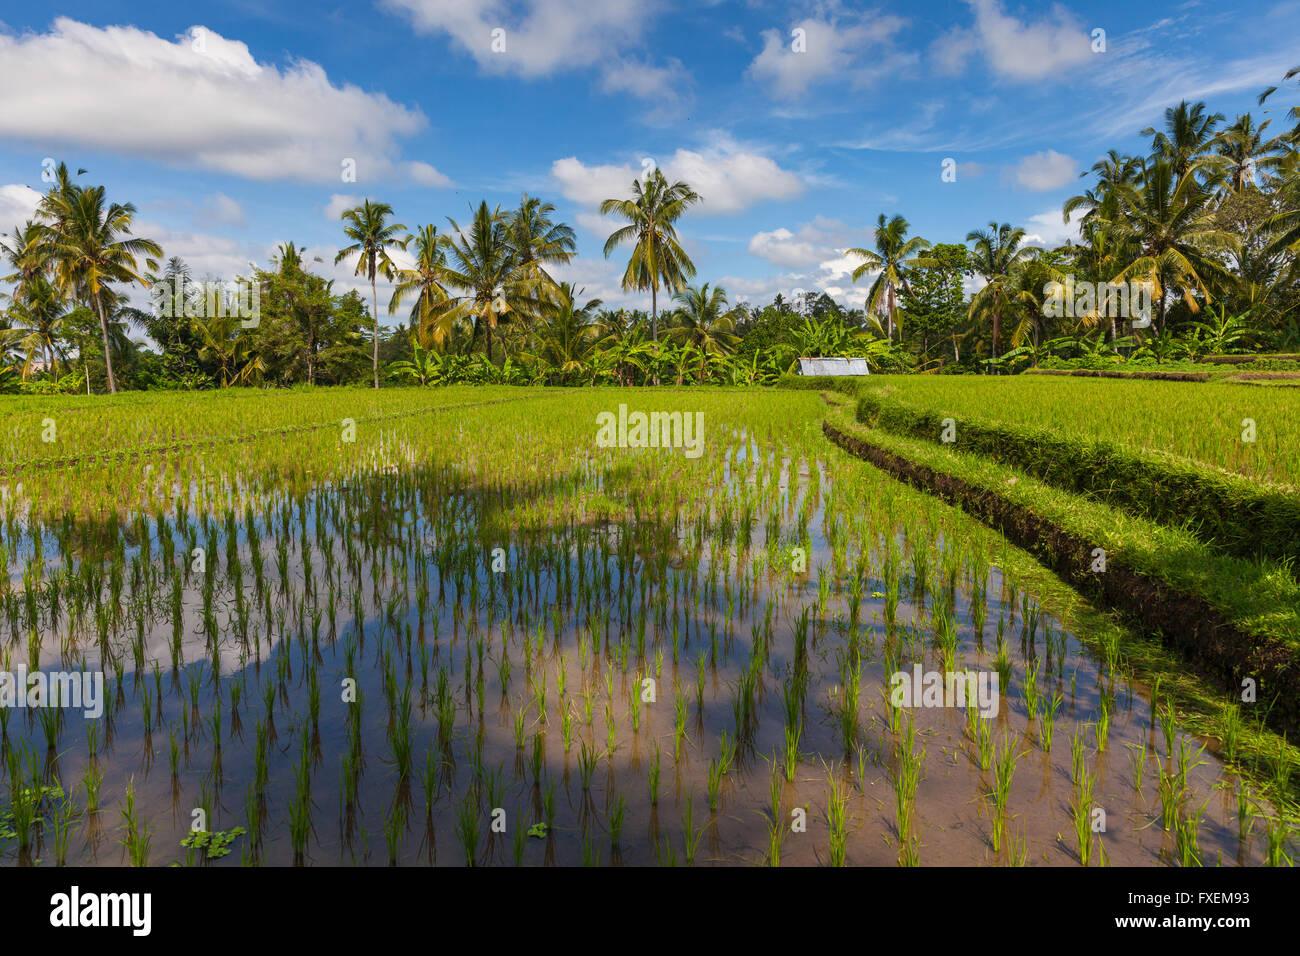 Paesaggio diurno dei campi di riso in Ubud, Bali, Indonesia. Immagini Stock